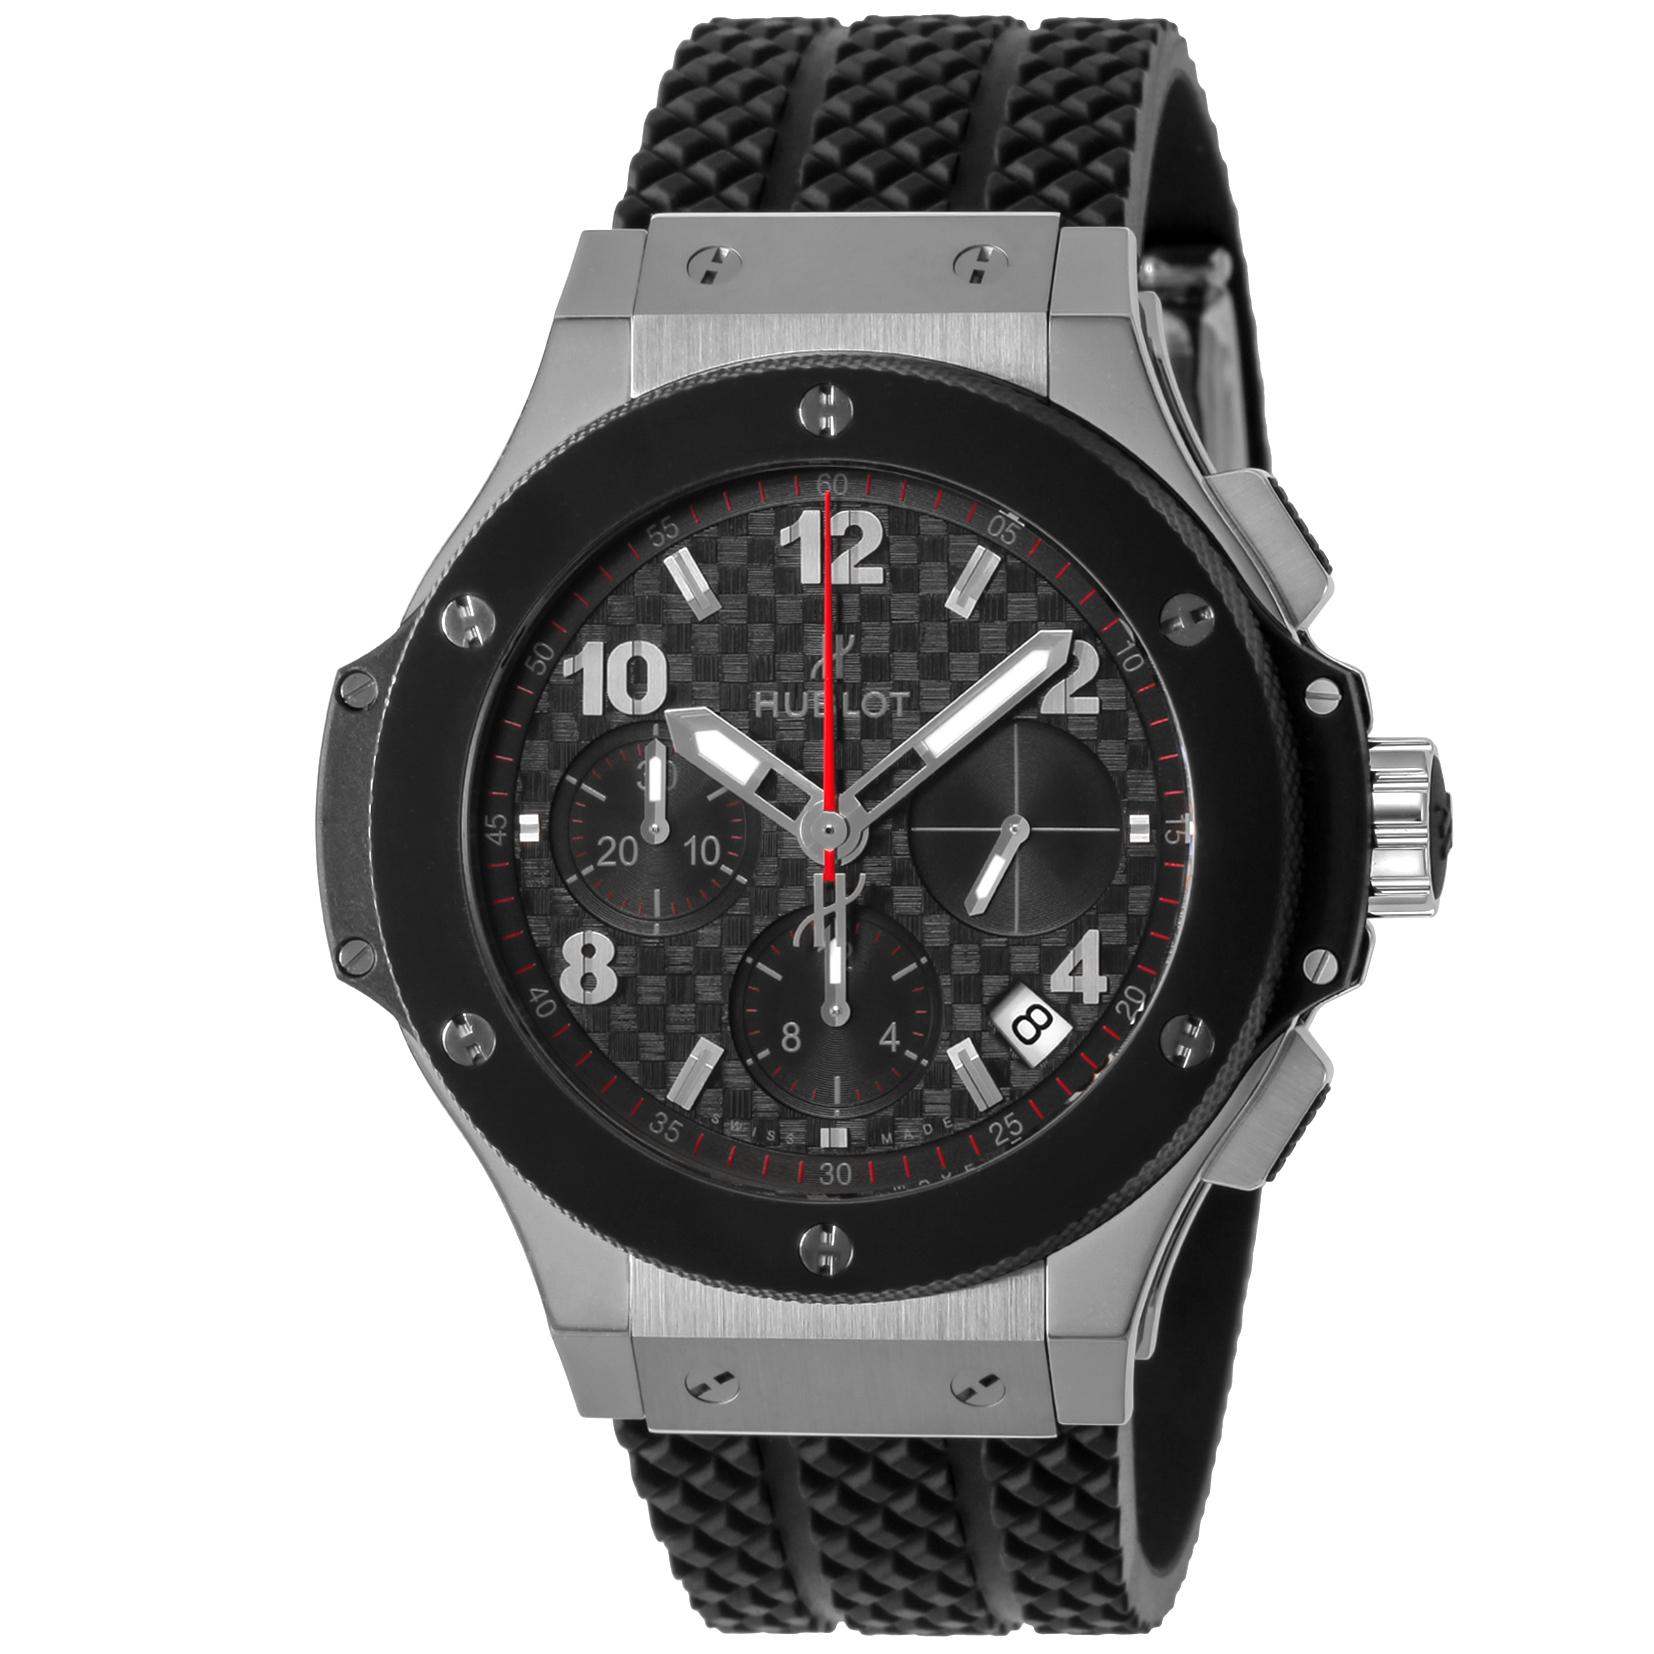 new concept 19b56 22845 ウブロ HUBLOT 腕時計 メンズ 341SB131RX ビッグバン: 腕時計 ...